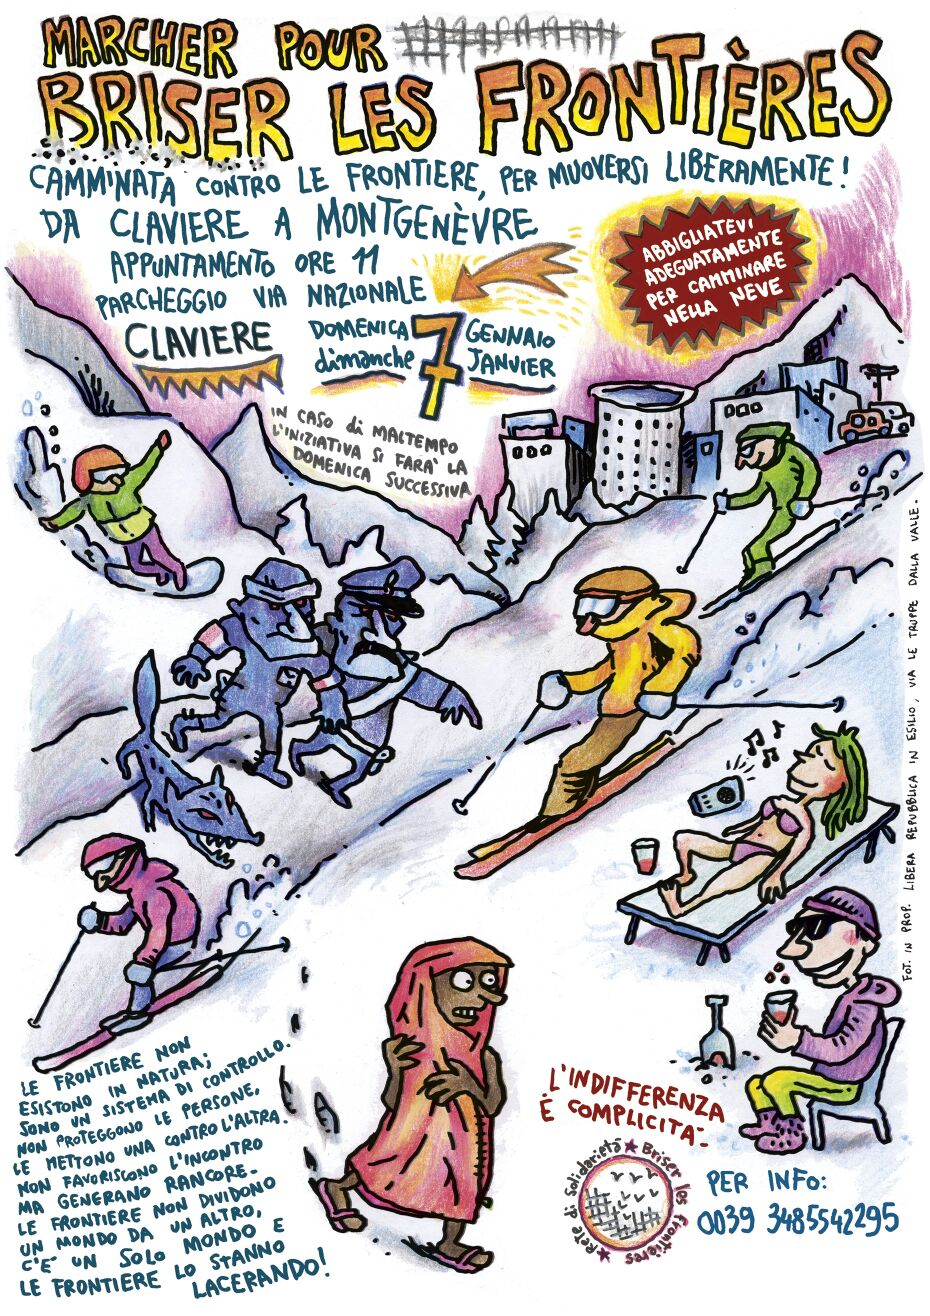 7/01, il Movimento No Tav aderisce alla marcia Briser Les Frontières